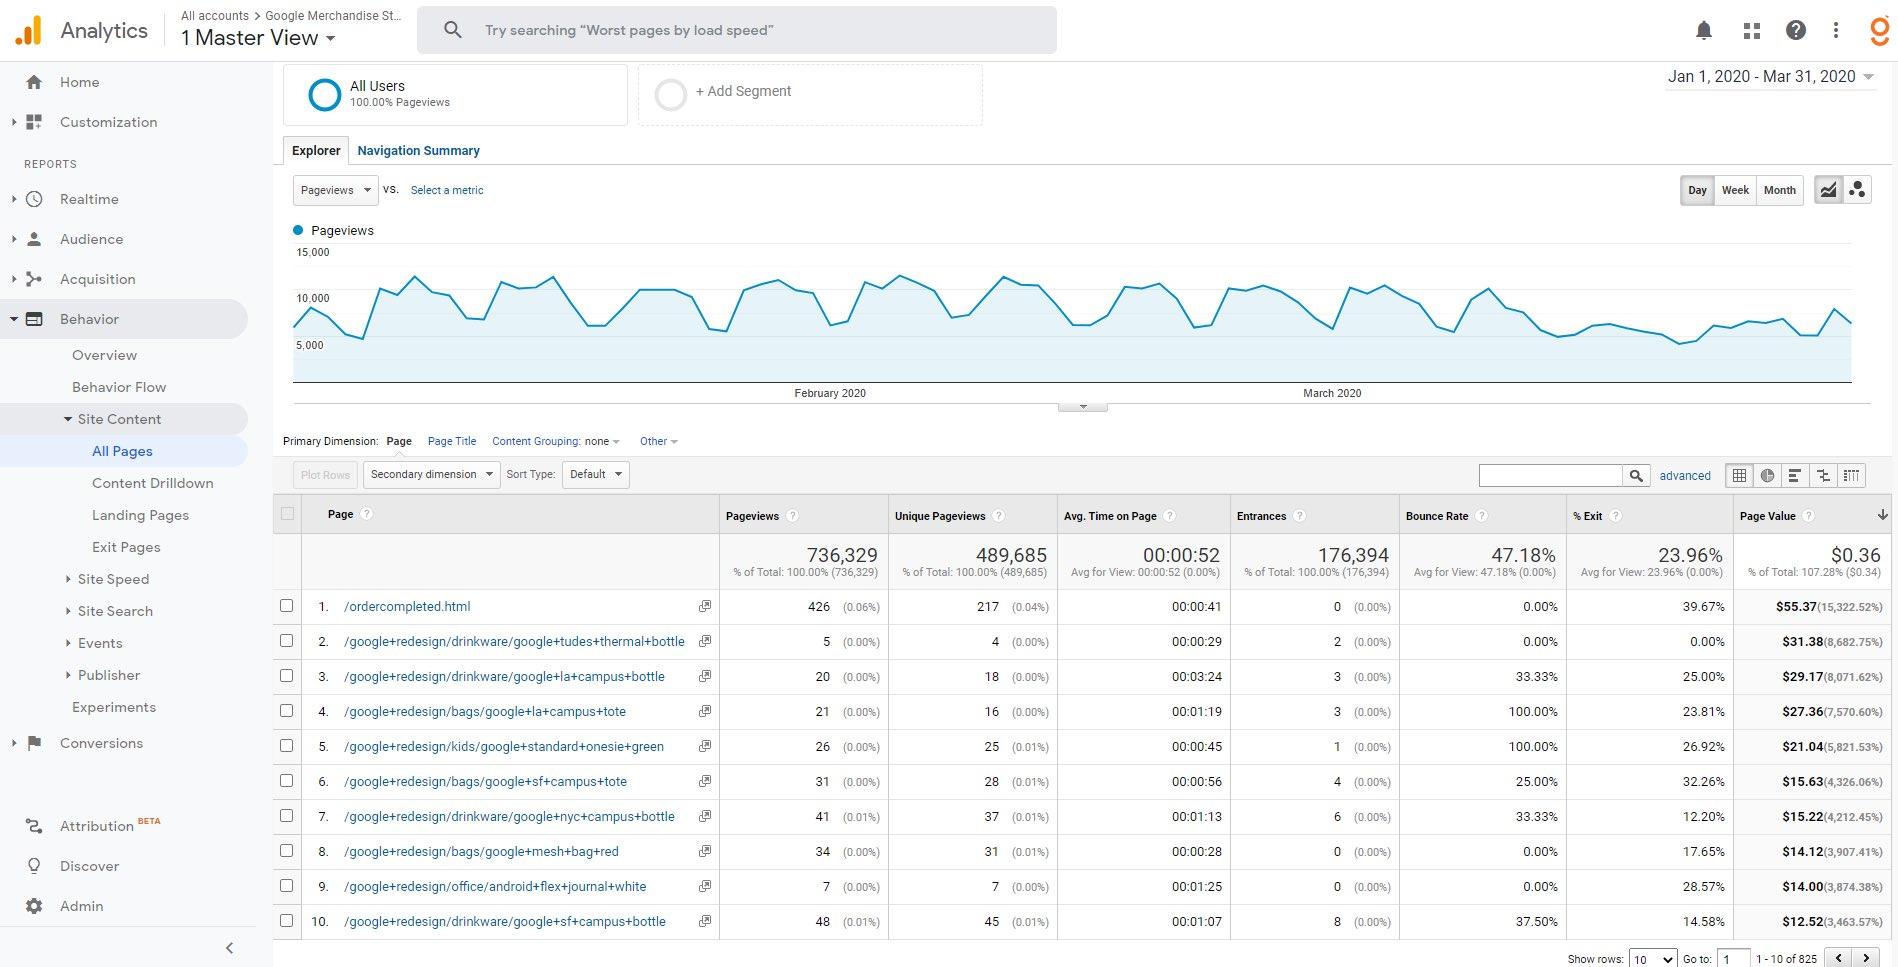 Google Analytics - Site Content